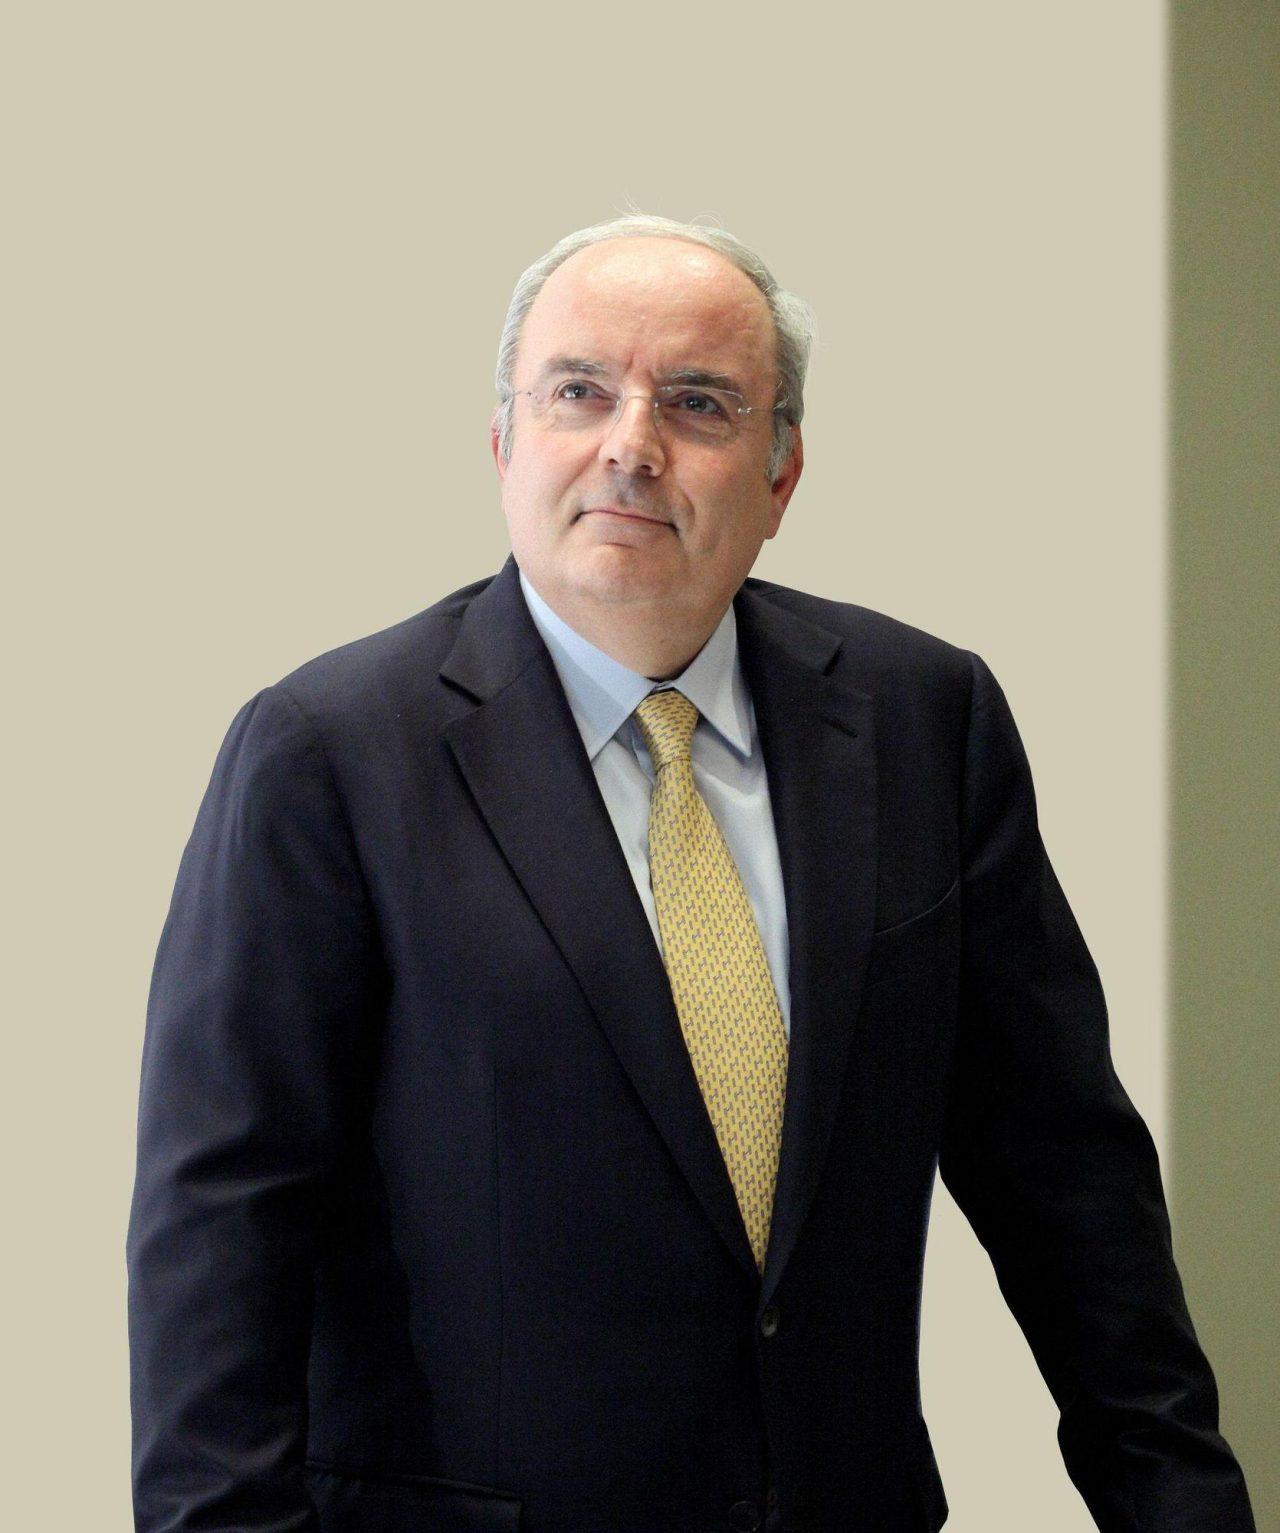 Γιώργος Περιστέρης. Διευθύνων Σύμβουλος ΓΕΚ ΤΕΡΝΑ